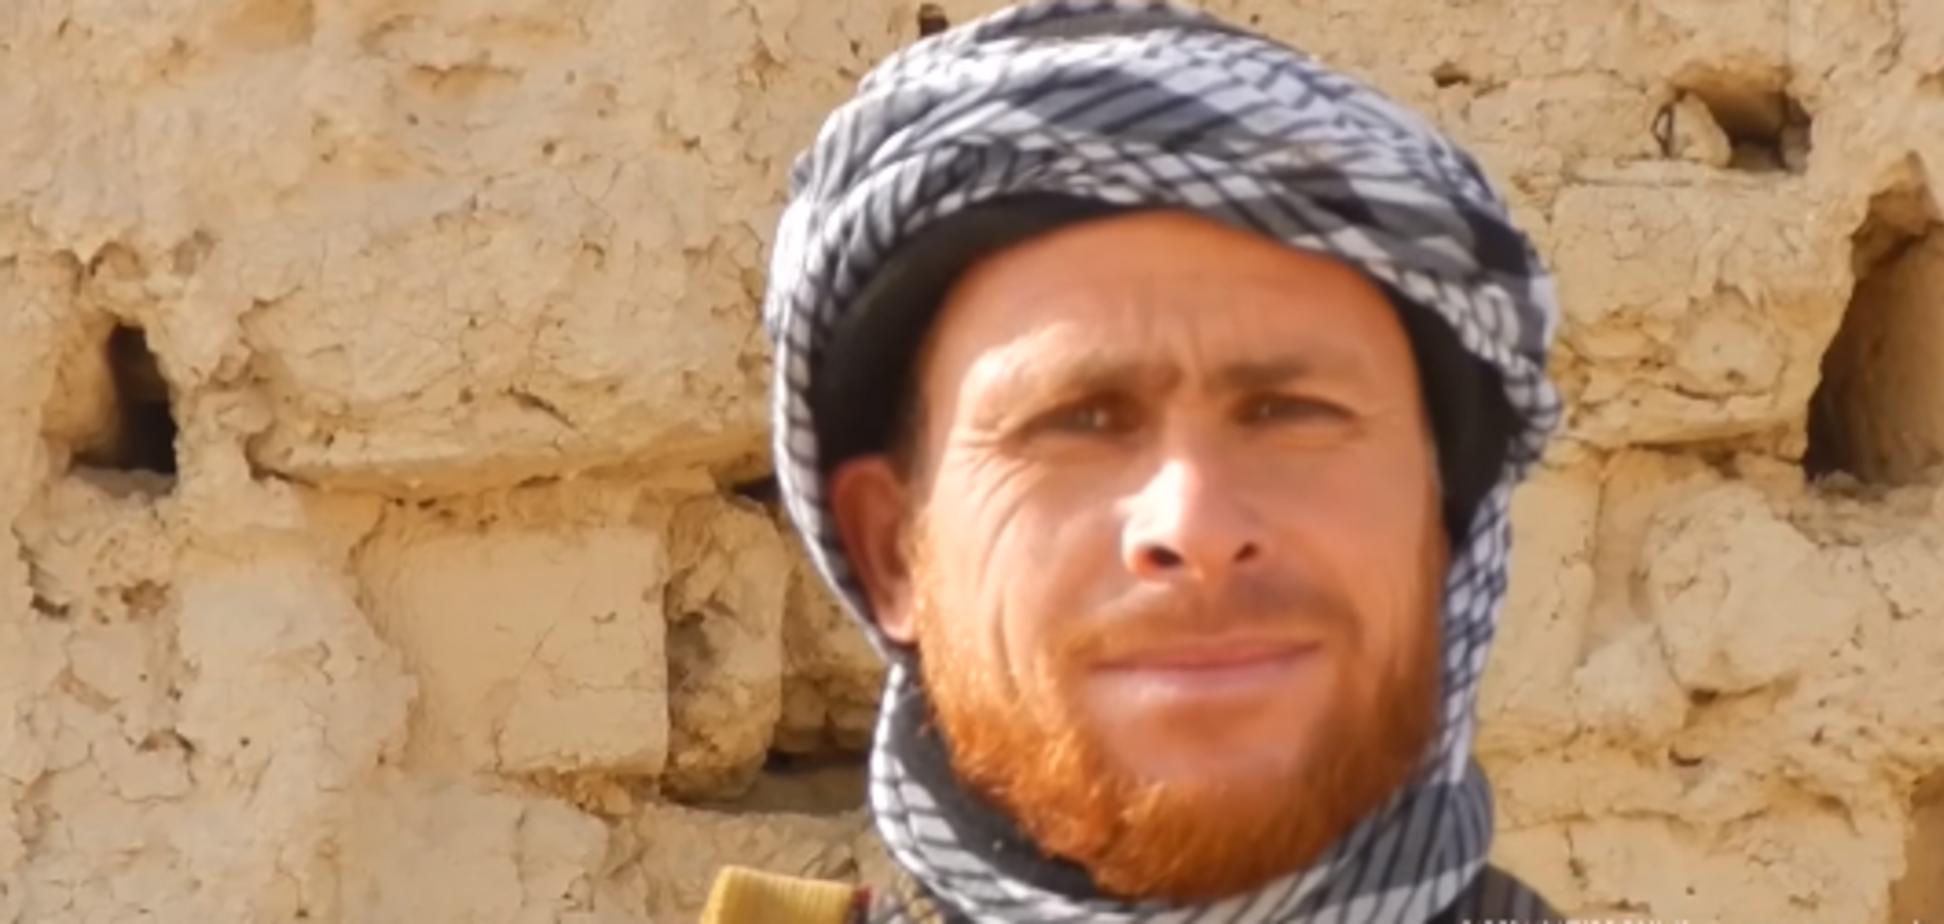 Невероятная история: в Афганистане нашелся пропавший 30 лет назад украинец